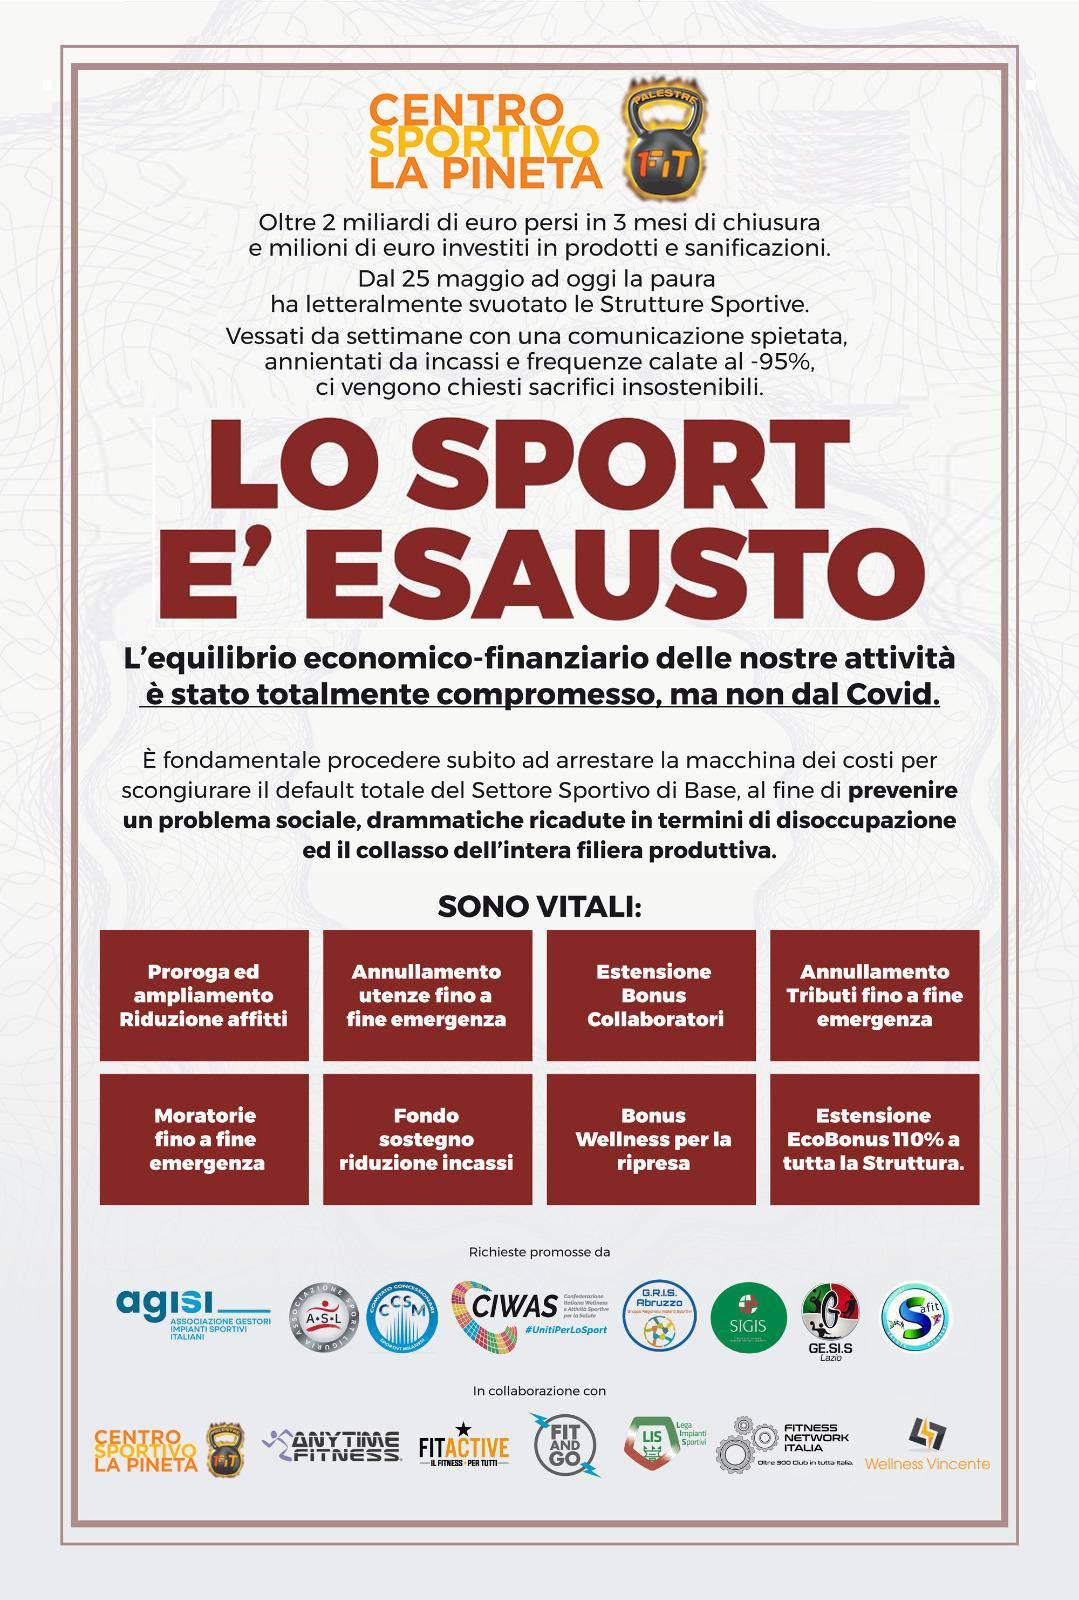 sport esausto movimento dpcm ottobre 2020 contro chiusura palestre attività sportive italia liguria arenzano